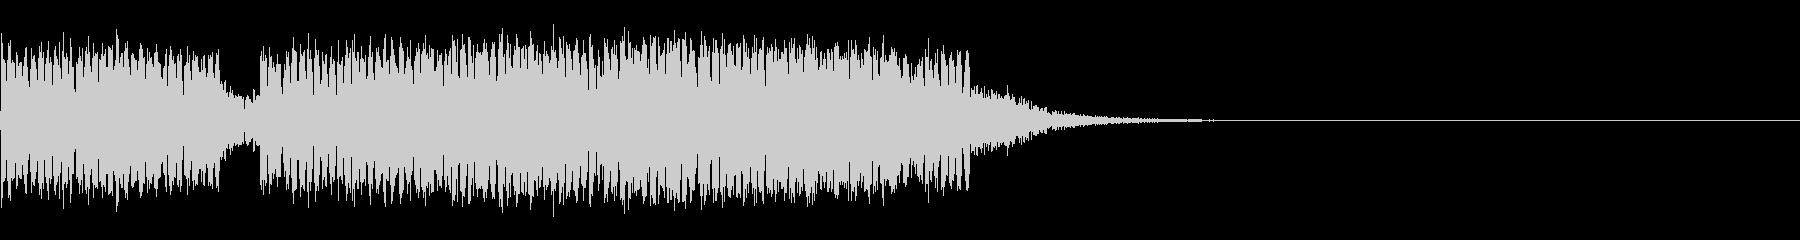 スパーク音-03の未再生の波形